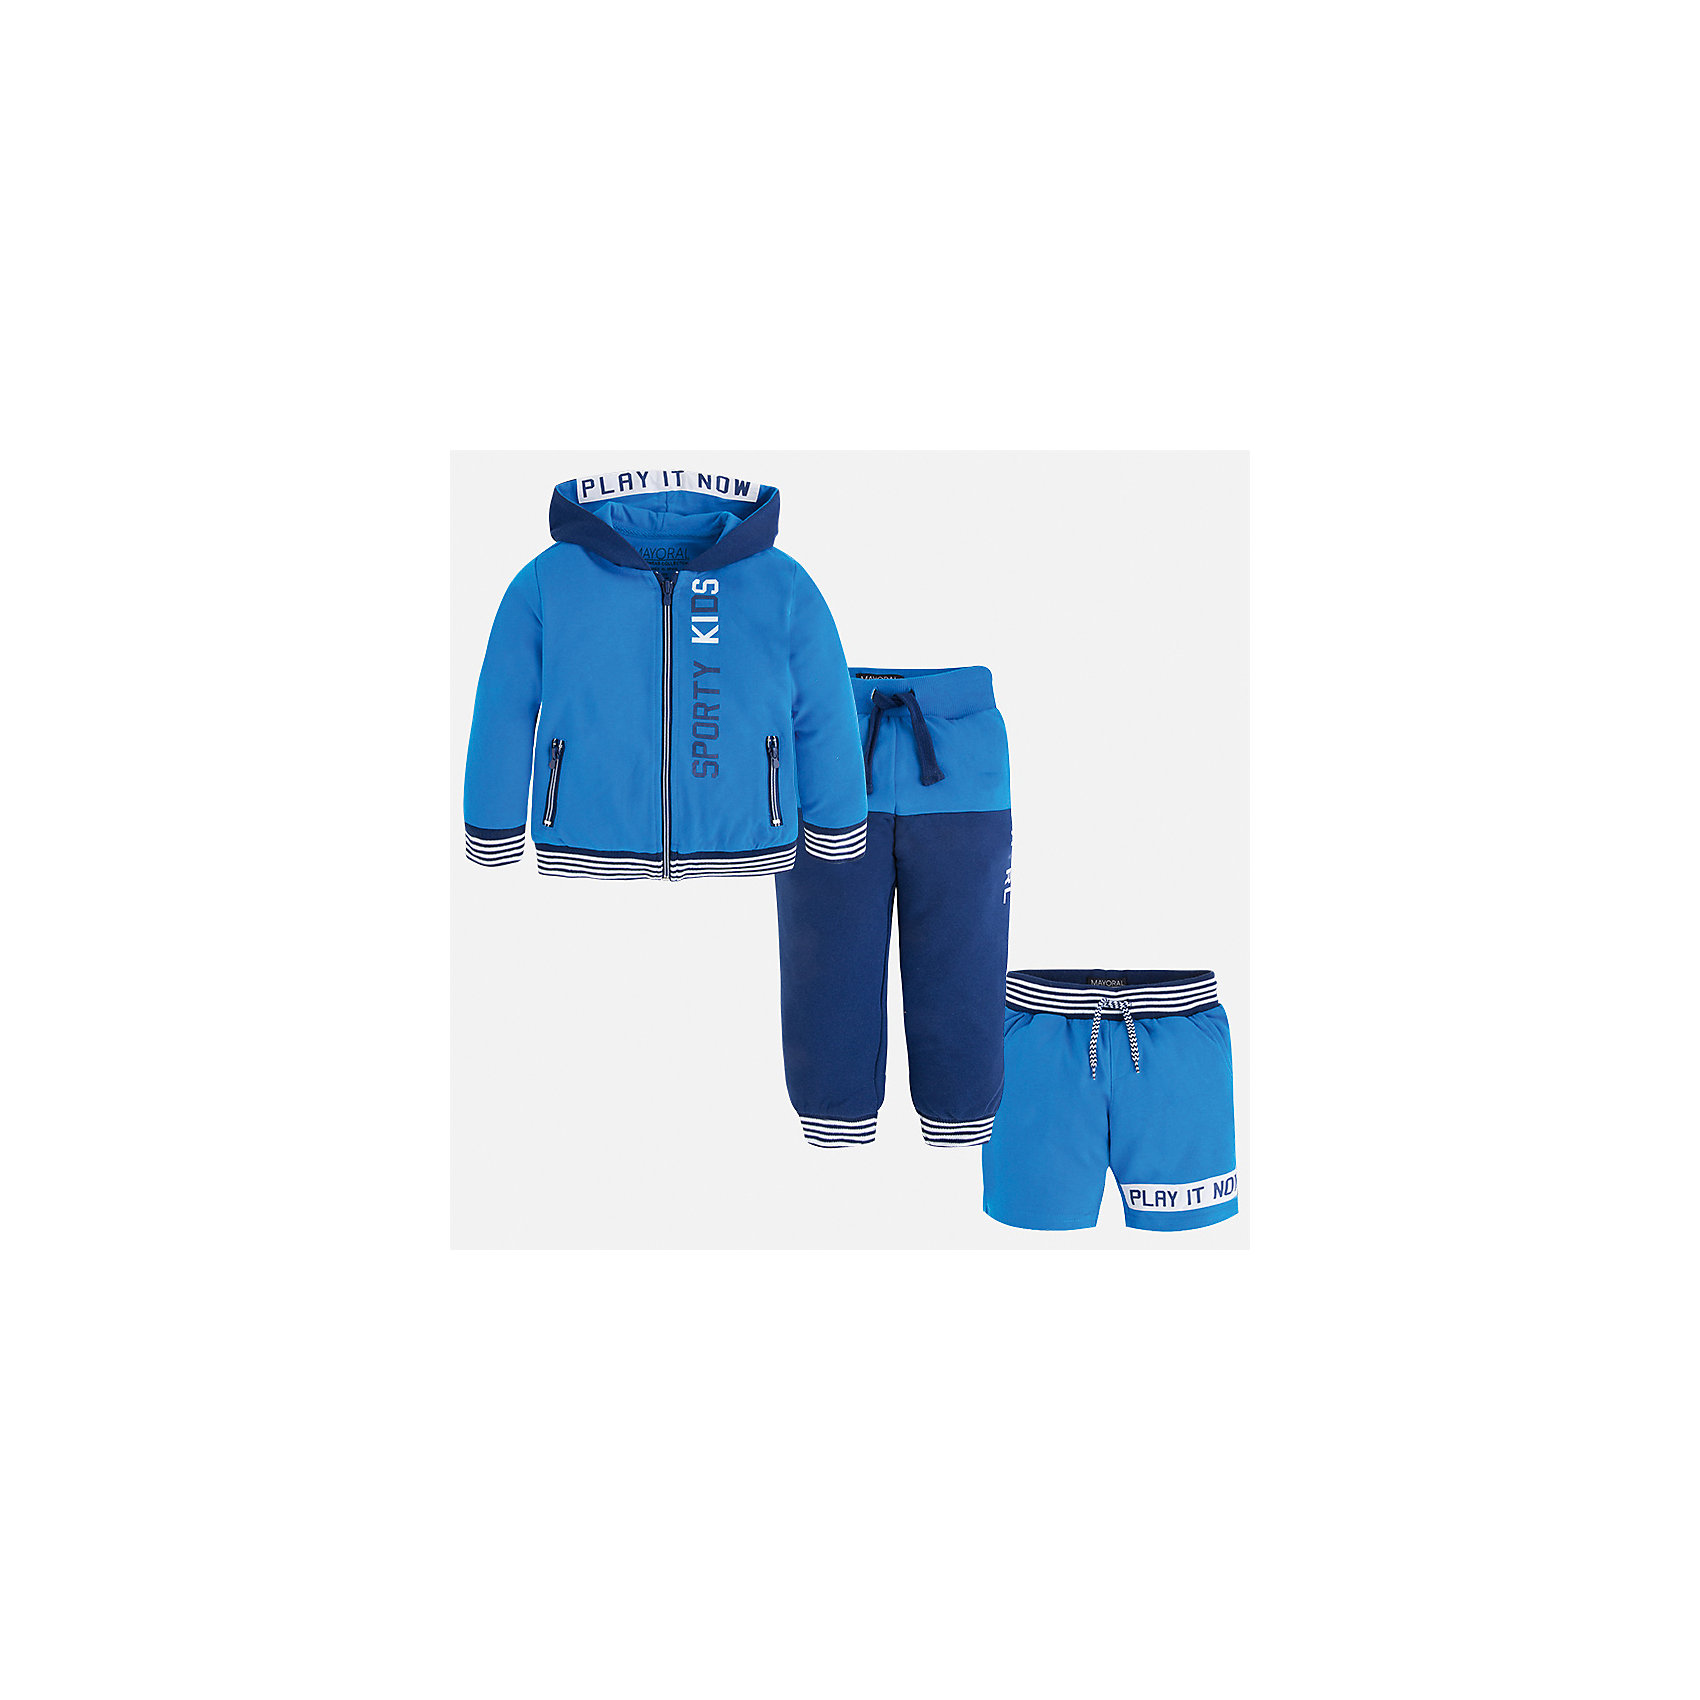 Спортивный костюм для мальчика MayoralКомплекты<br>Характеристики товара:<br><br>• цвет: голубой/синий<br>• состав: 60% хлопок, 40% полиэстер<br>• комплектация: курточка, штаны, шорты<br>• декорирован принтом<br>• карманы<br>• капюшон<br>• штаны, шорты - пояс на шнурке<br>• манжеты<br>• страна бренда: Испания<br><br>Стильный качественный спортивный костюм для мальчика поможет разнообразить гардероб ребенка и удобно одеться. Курточка, шорты и штаны отлично сочетаются с другими предметами. Универсальный цвет позволяет подобрать к вещам верхнюю одежду практически любой расцветки. Интересная отделка модели делает её нарядной и оригинальной. В составе материала - натуральный хлопок, гипоаллергенный, приятный на ощупь, дышащий.<br><br>Одежда, обувь и аксессуары от испанского бренда Mayoral полюбились детям и взрослым по всему миру. Модели этой марки - стильные и удобные. Для их производства используются только безопасные, качественные материалы и фурнитура. Порадуйте ребенка модными и красивыми вещами от Mayoral! <br><br>Спортивный костюм для мальчика от испанского бренда Mayoral (Майорал) можно купить в нашем интернет-магазине.<br><br>Ширина мм: 247<br>Глубина мм: 16<br>Высота мм: 140<br>Вес г: 225<br>Цвет: синий<br>Возраст от месяцев: 24<br>Возраст до месяцев: 36<br>Пол: Мужской<br>Возраст: Детский<br>Размер: 98,92,104,110,116,122,128,134<br>SKU: 5281216